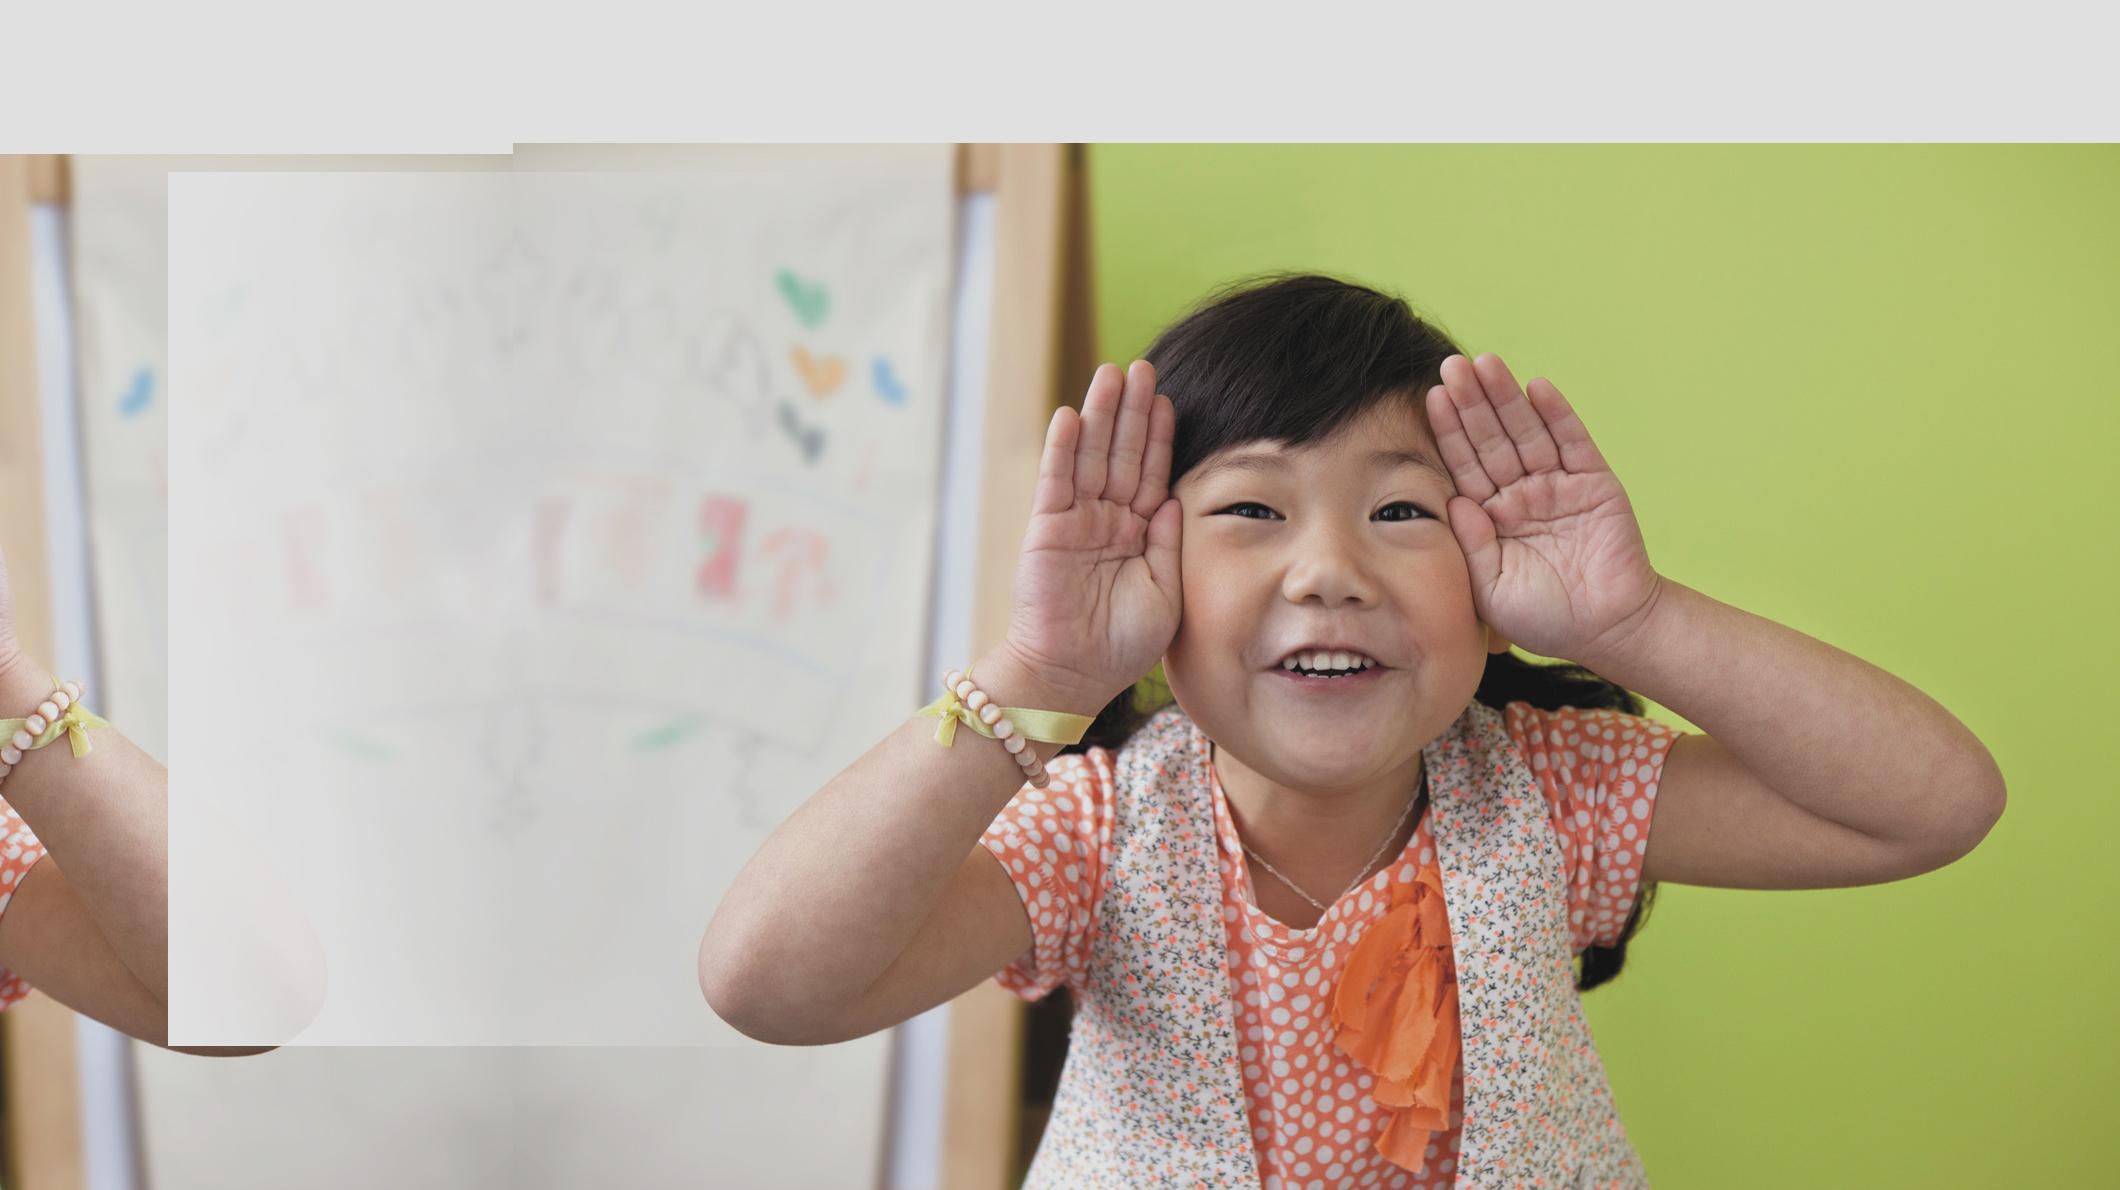 Una niña sonriendo con las manos cerca de la cara